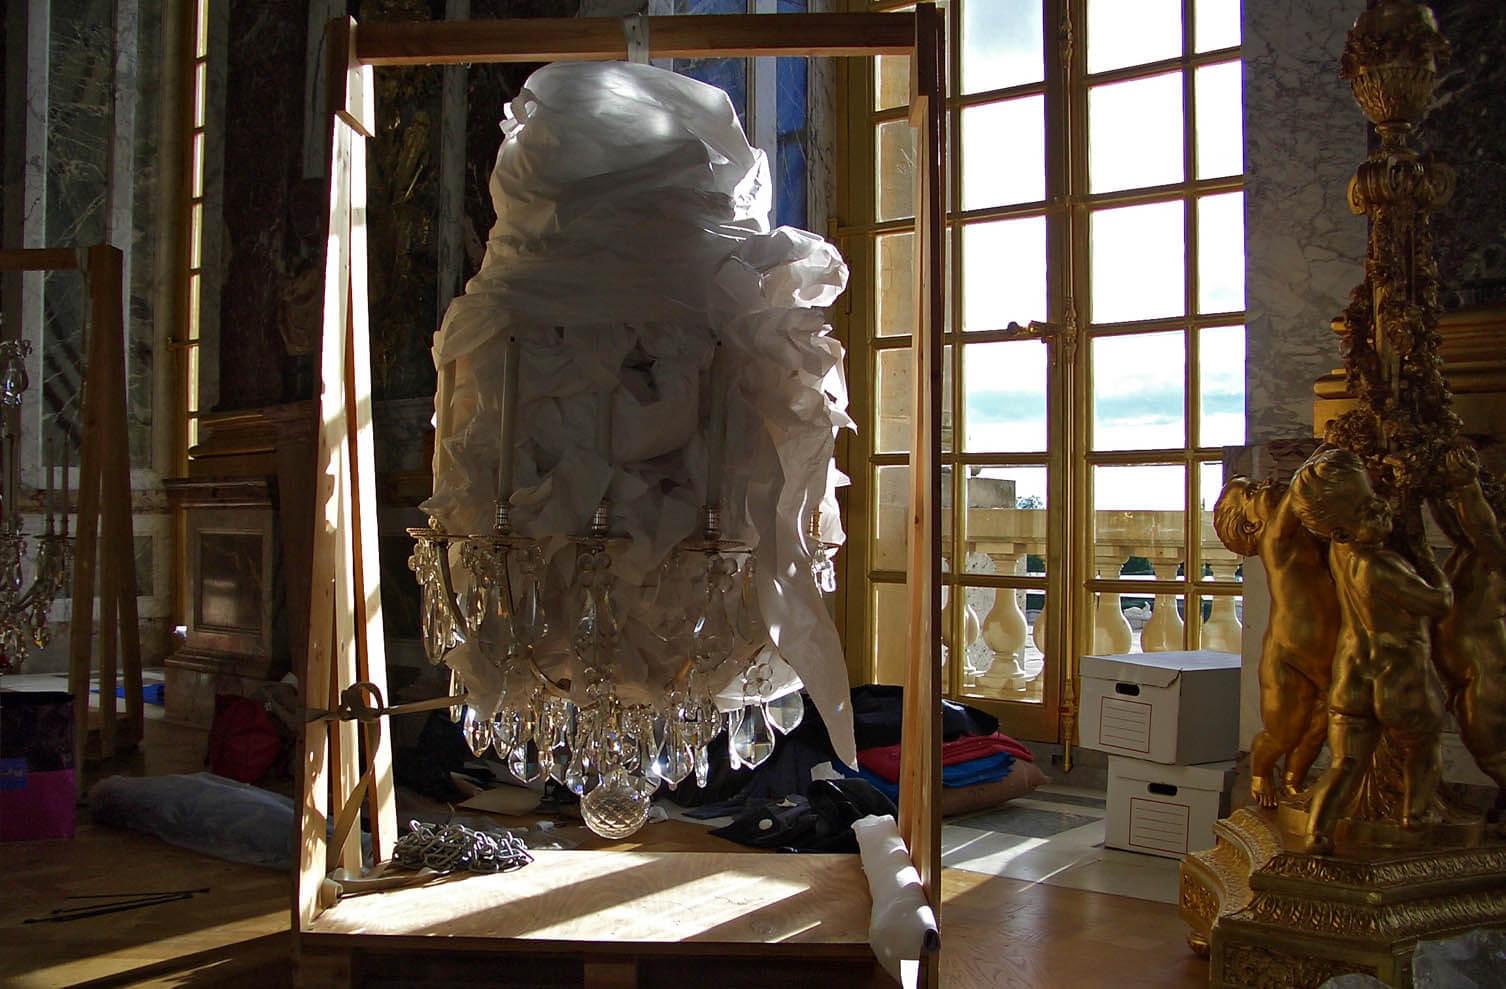 Image Galerie des Glaces 11